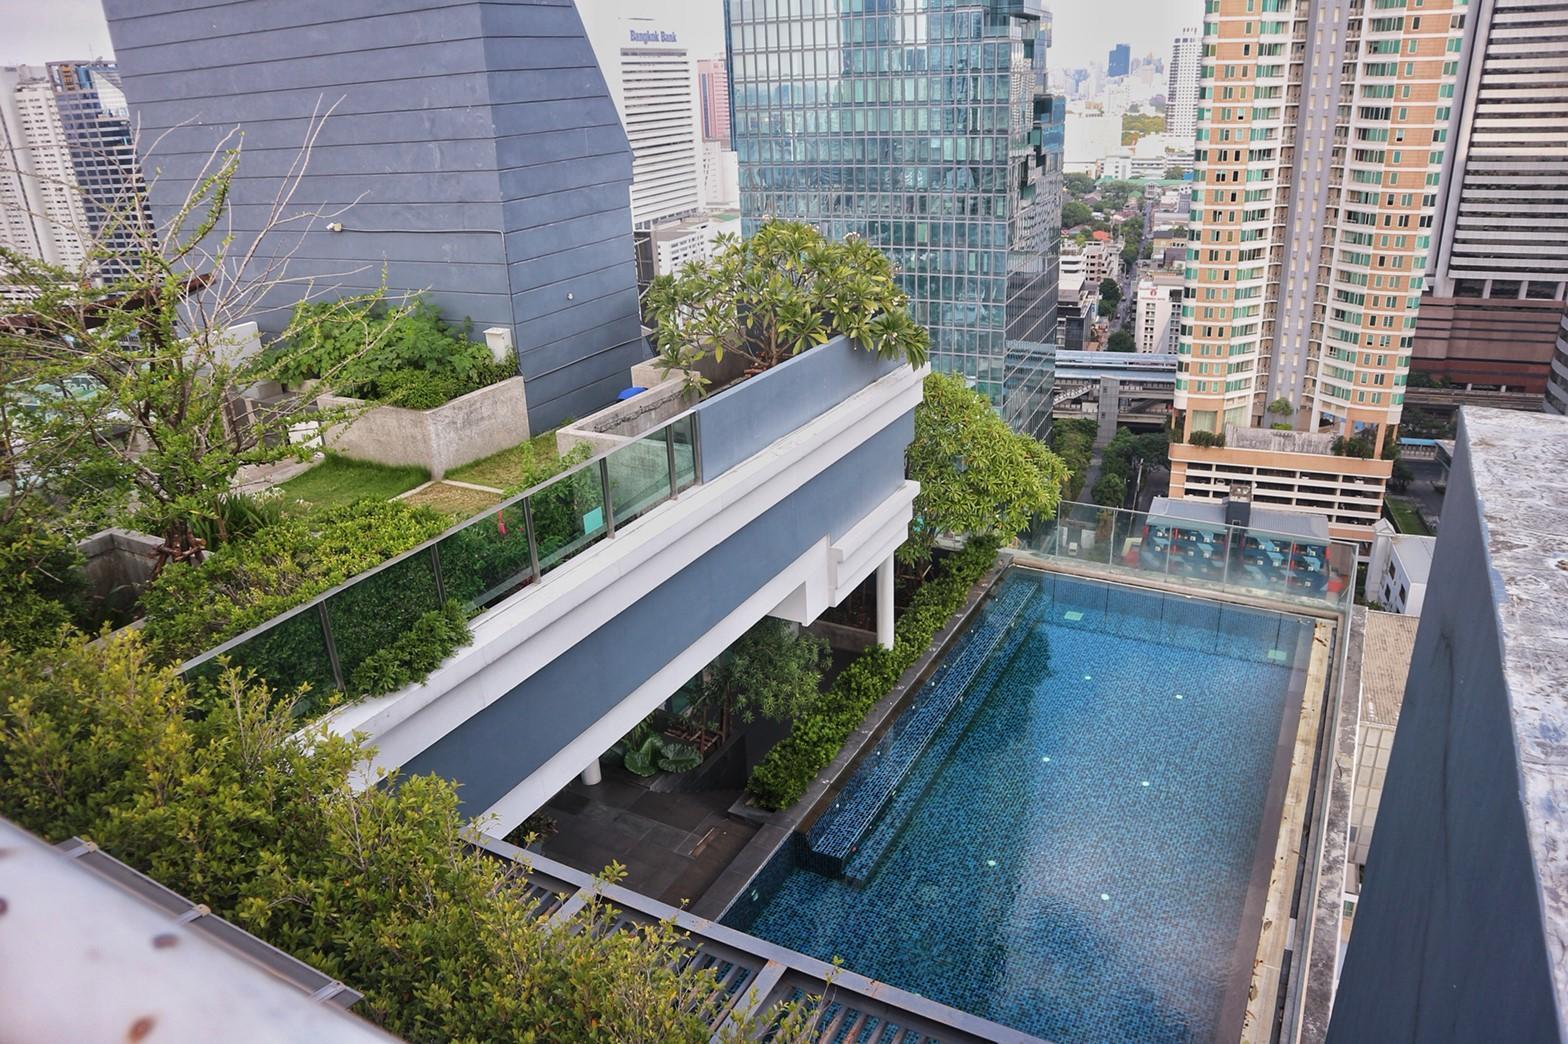 [Free Pick up] 5minBTS,BigRoom,Sathorn Silom Area อพาร์ตเมนต์ 1 ห้องนอน 1 ห้องน้ำส่วนตัว ขนาด 48 ตร.ม. – สาทร